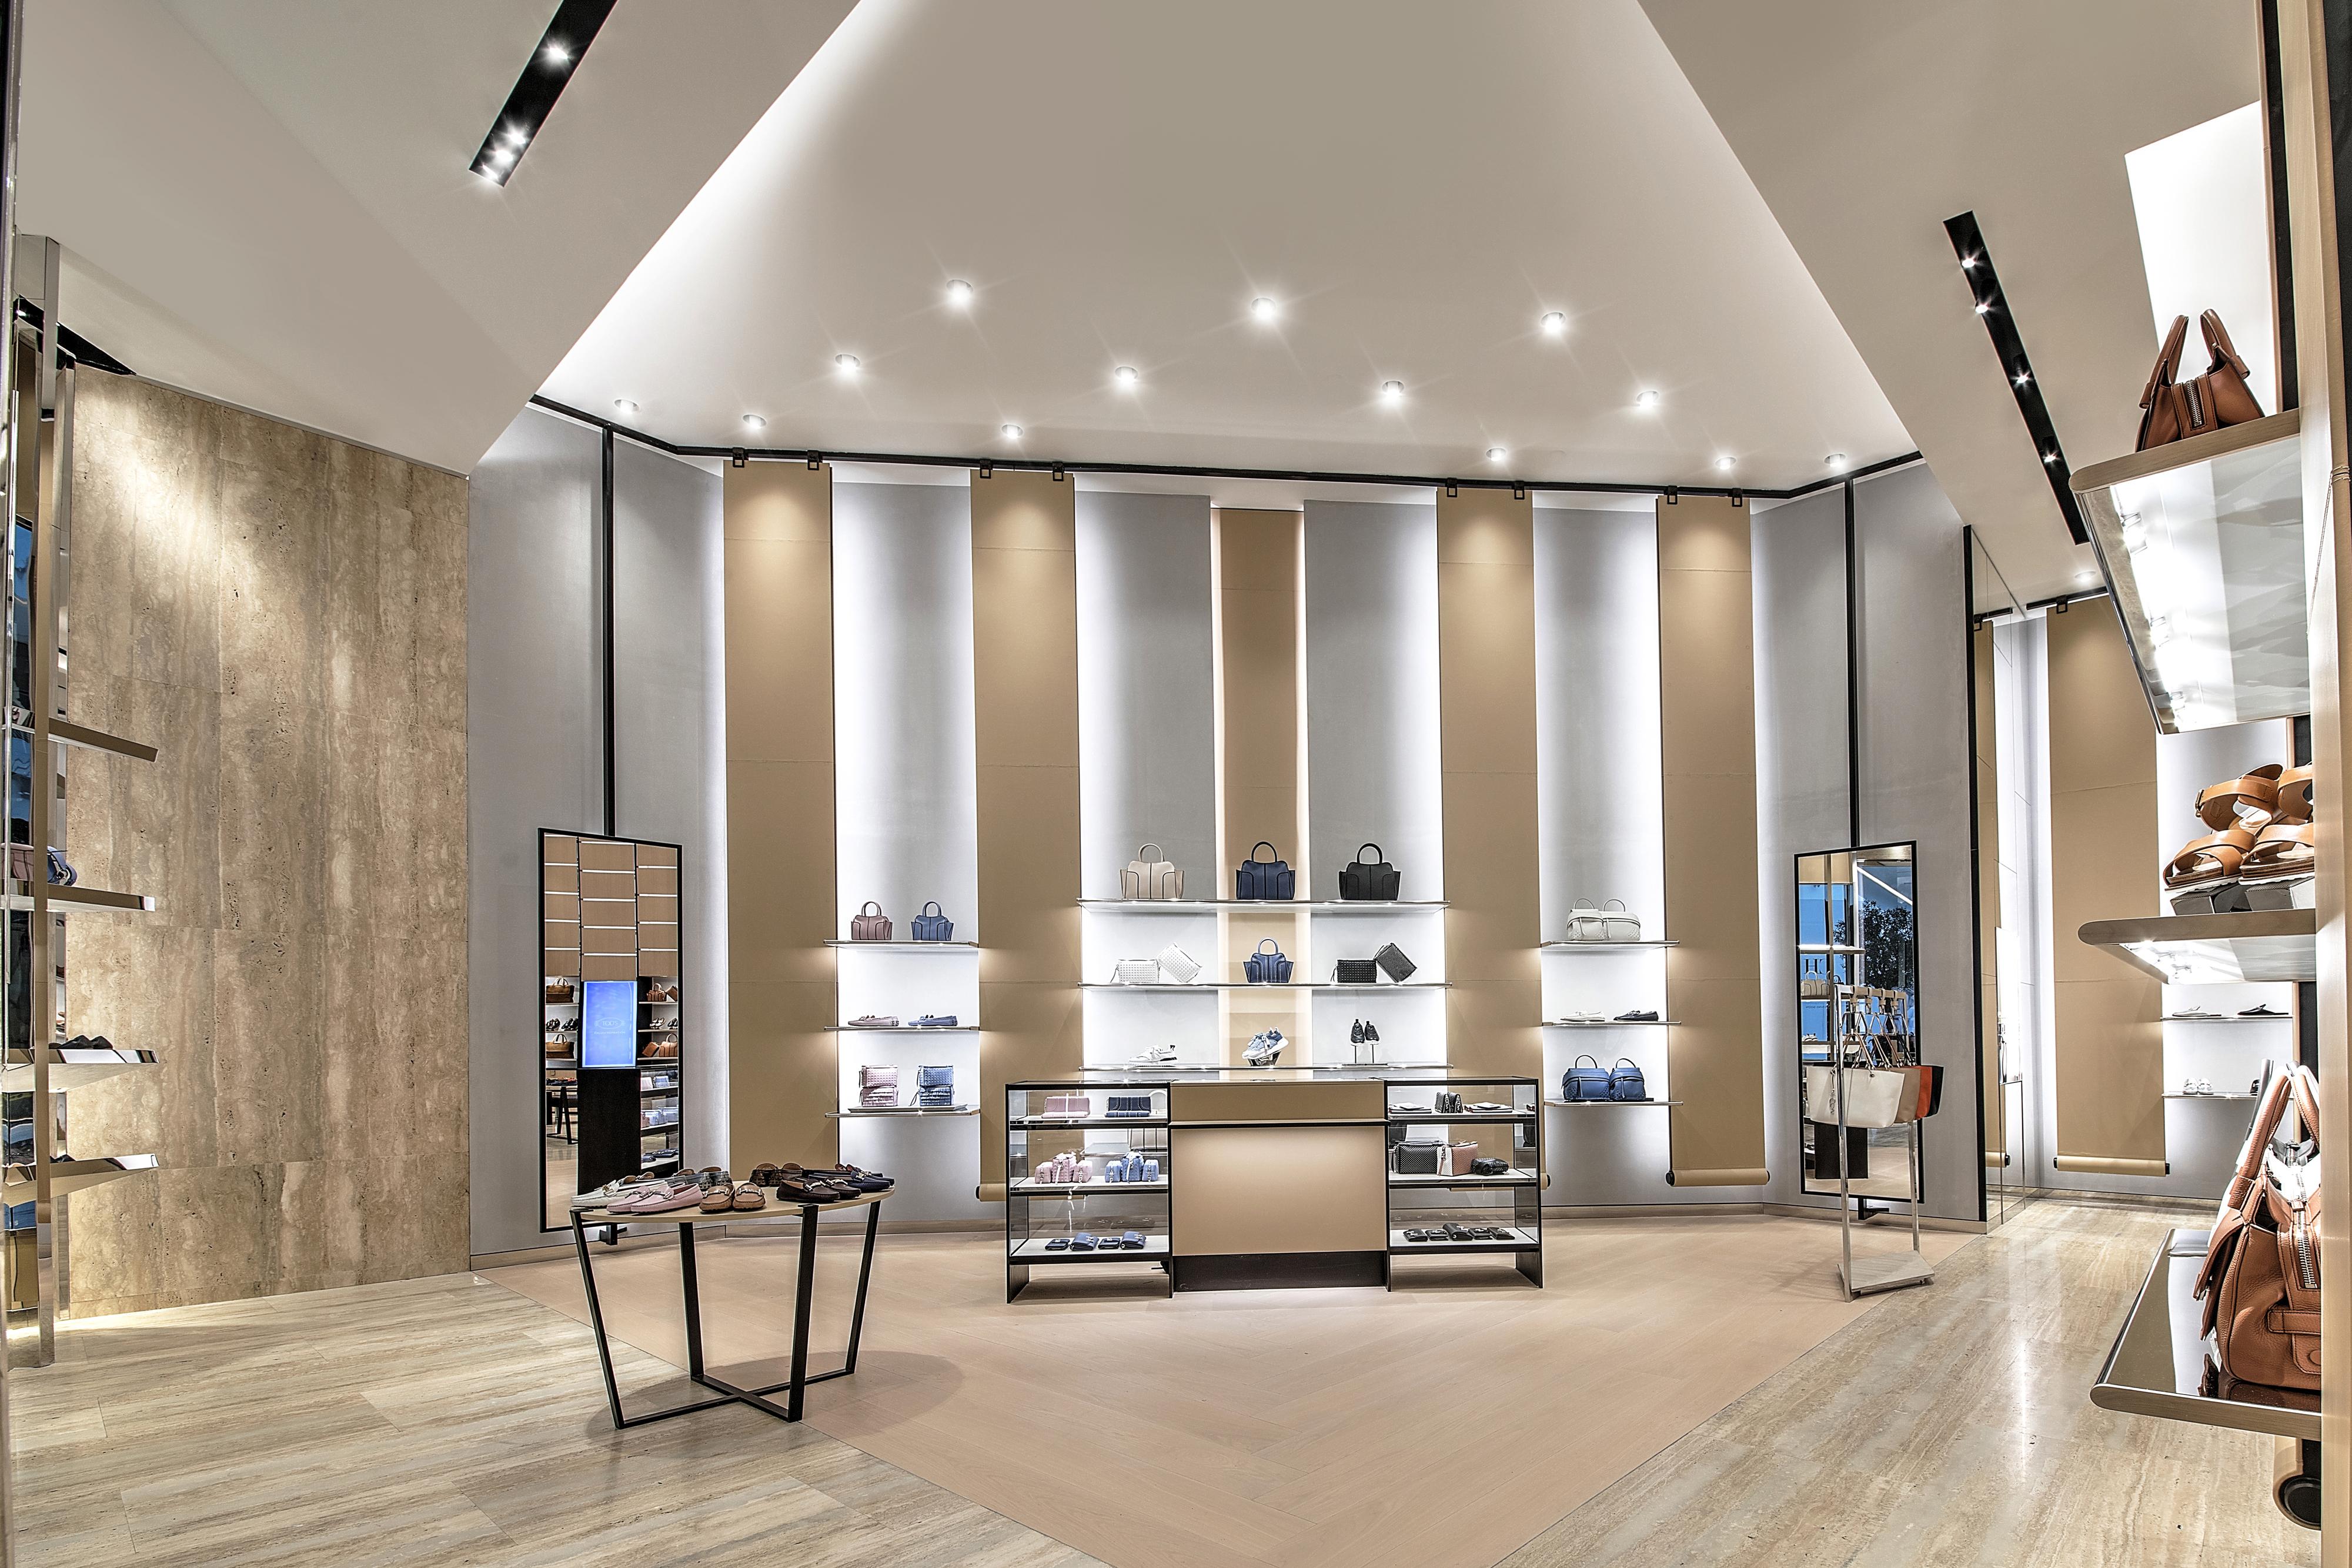 boutique-images-1